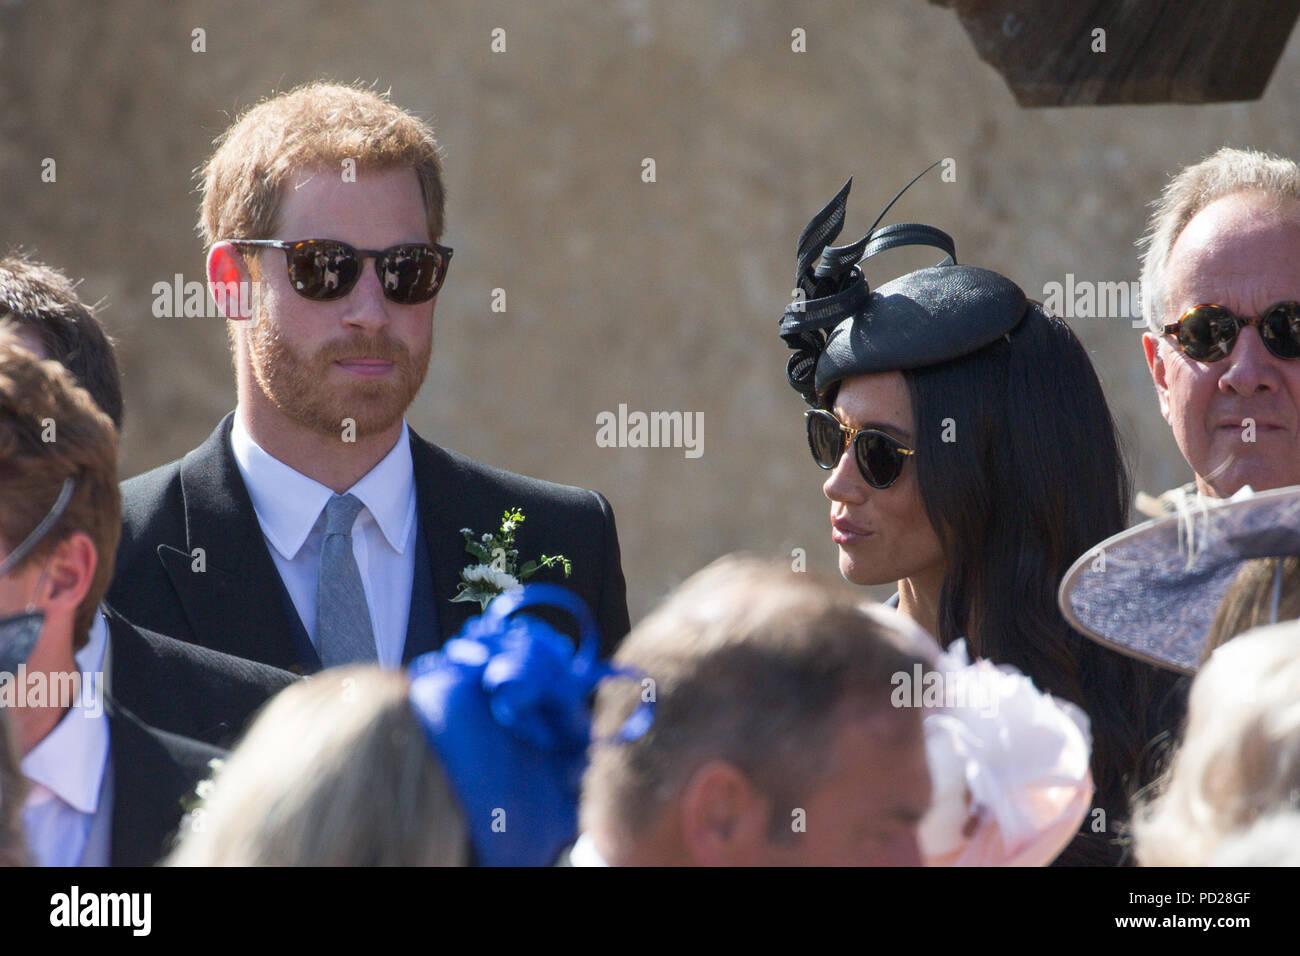 Matrimonio Harry In Chiesa : Meghan markle la duchessa di sussex e il principe harry al